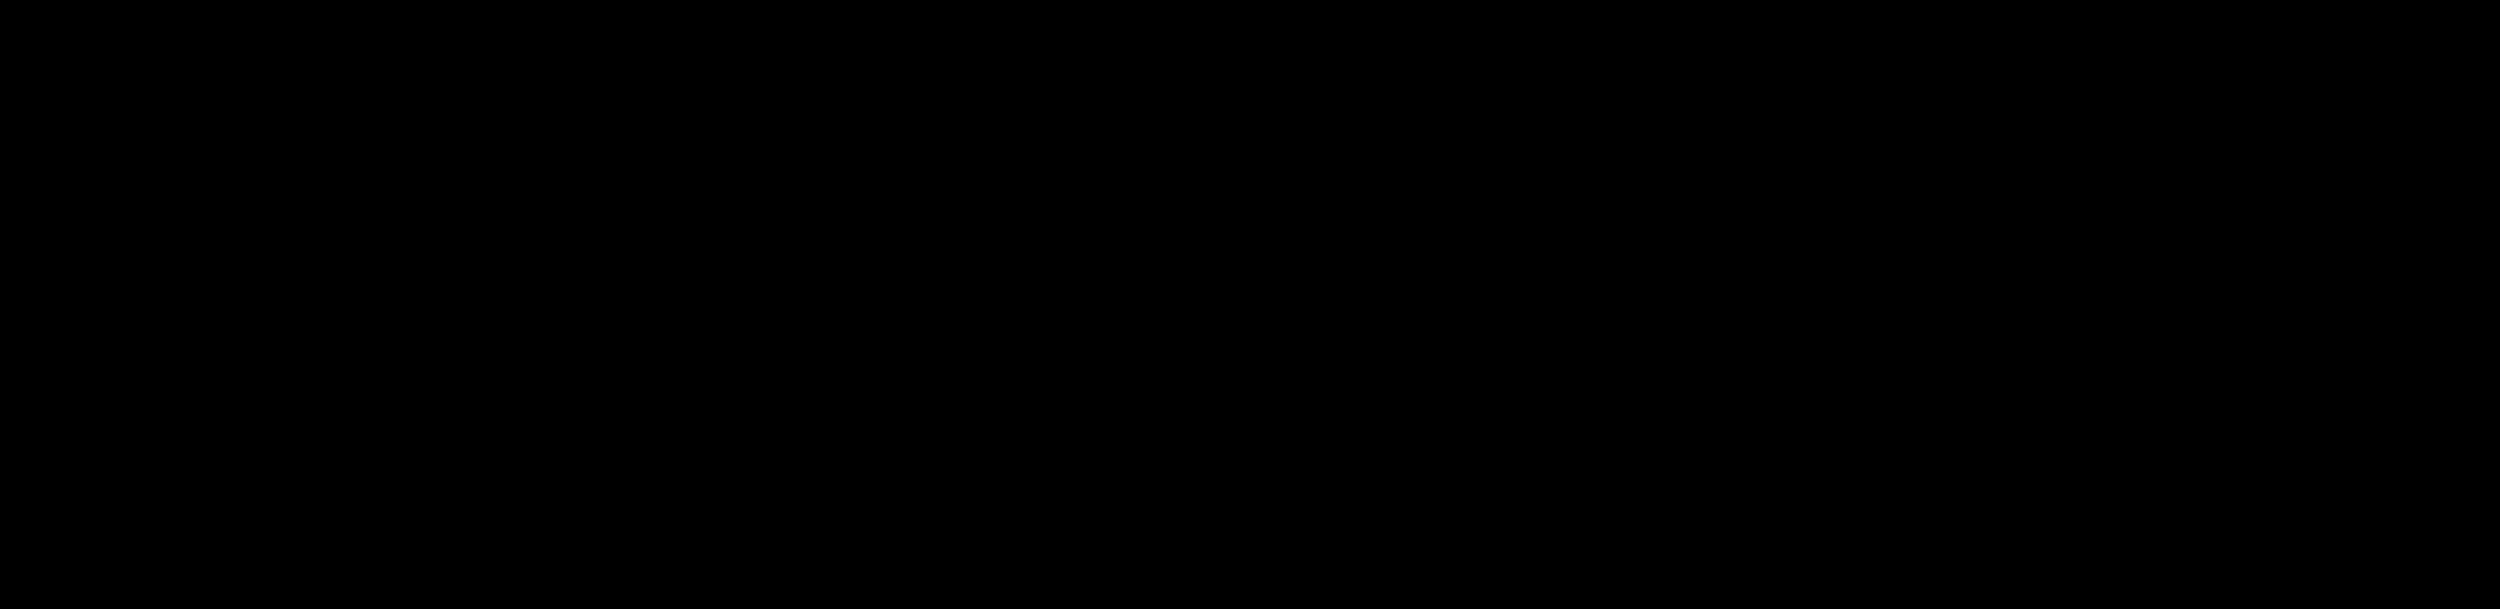 deskchair_logo_Black.png